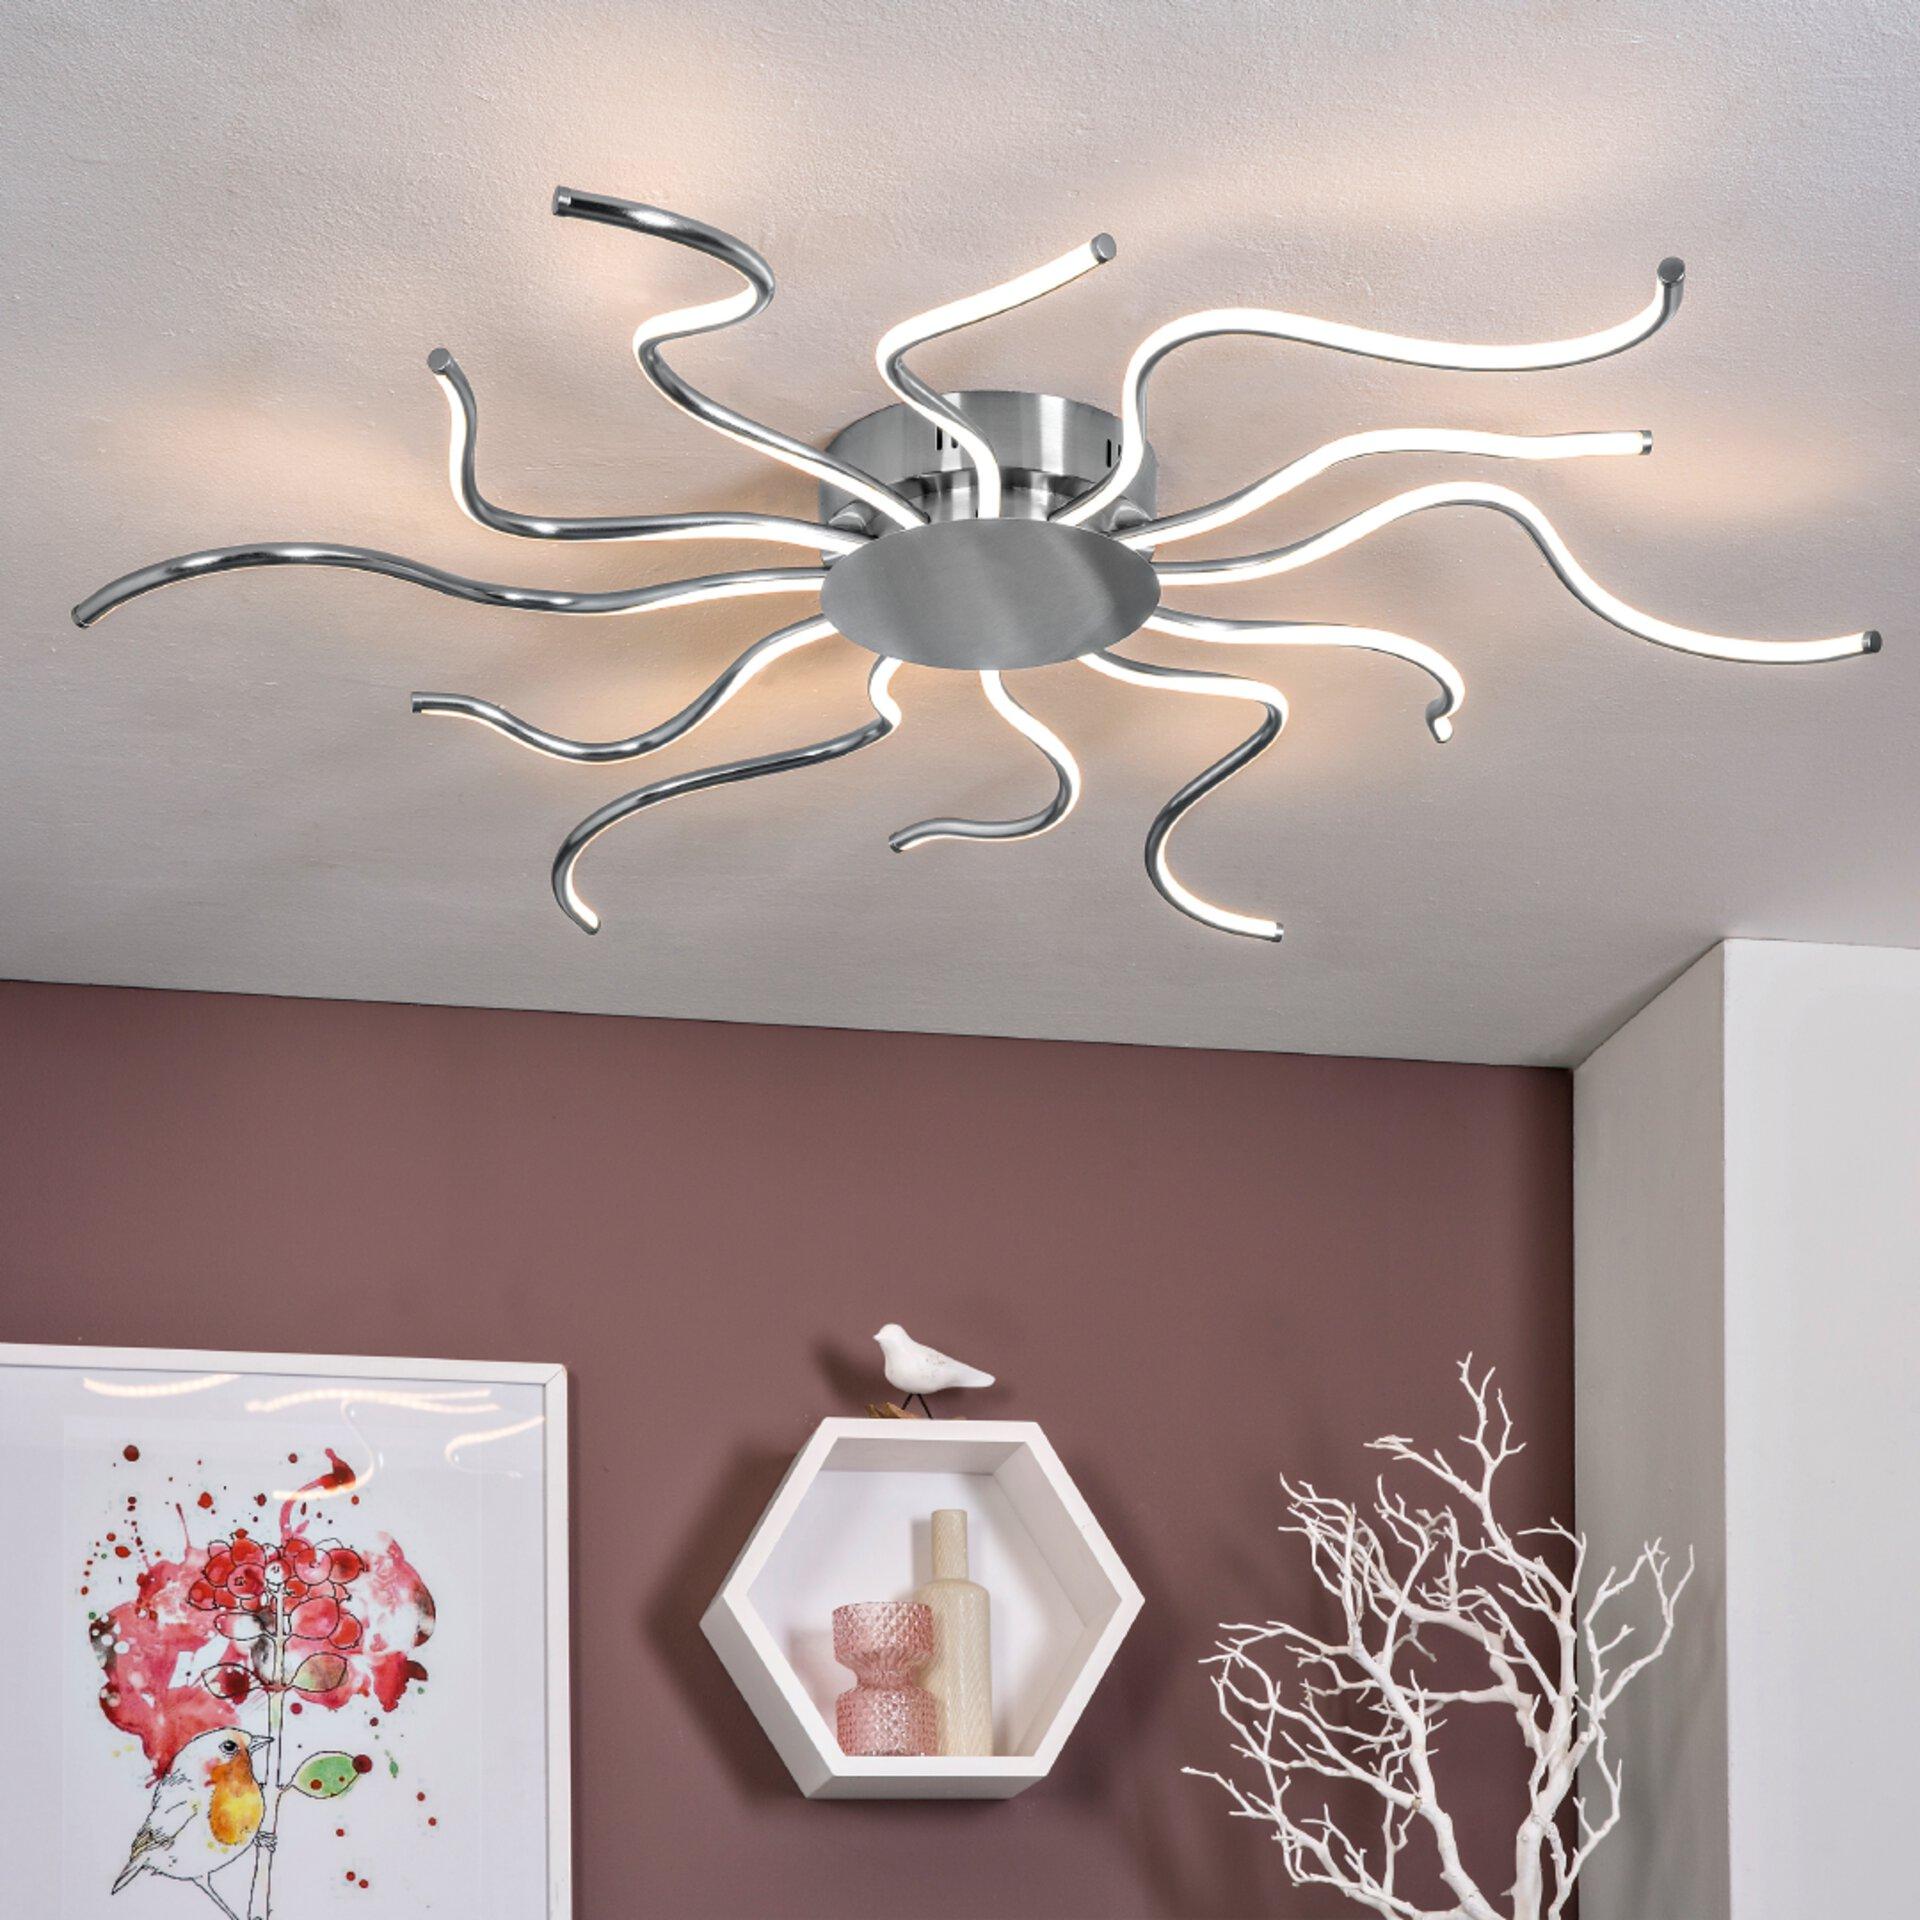 LED-Deckenleuchte, Silber, Durchmesser: 93 cm